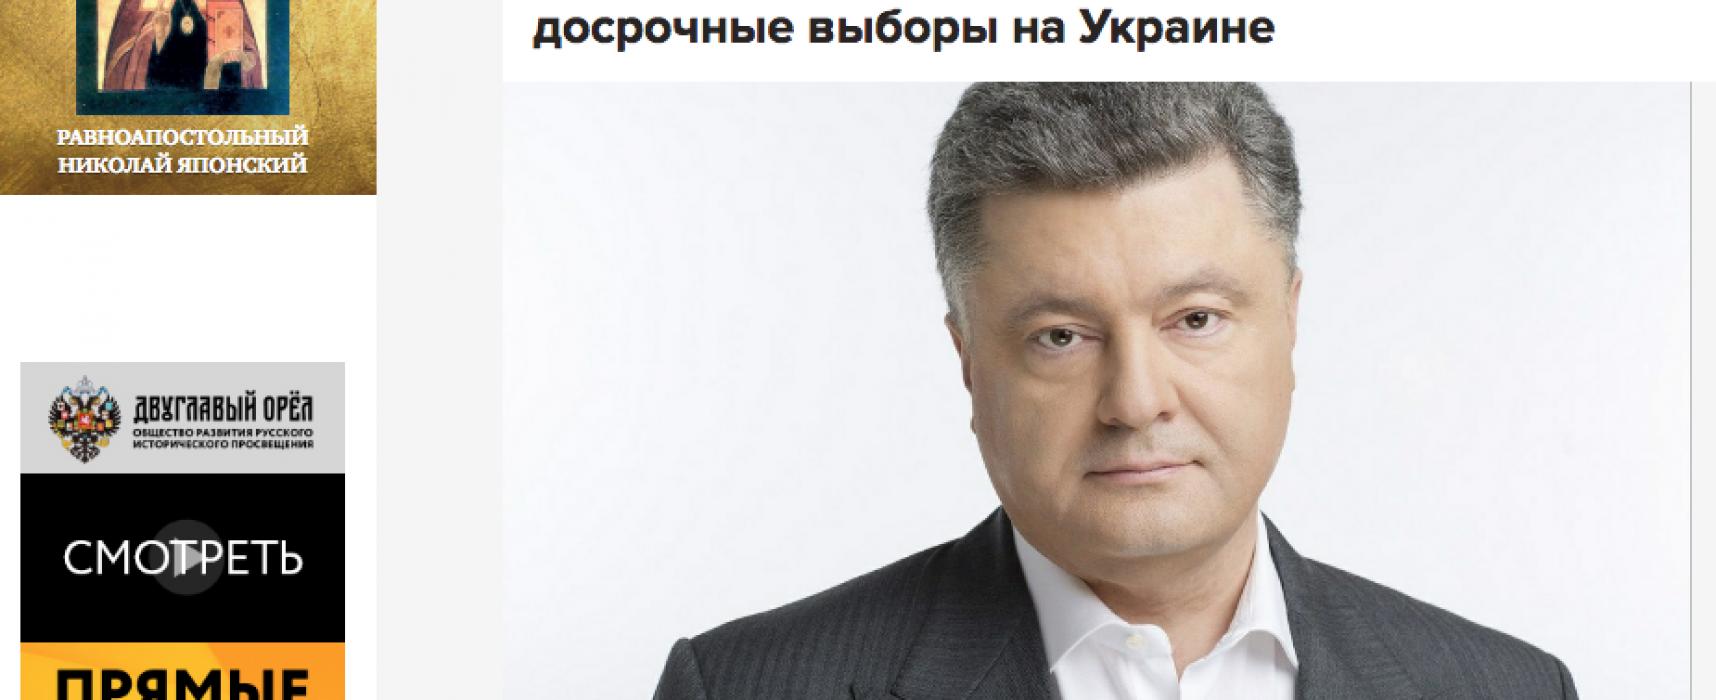 Фейк: Розвідка США знайшла причини для зміни влади в Україні